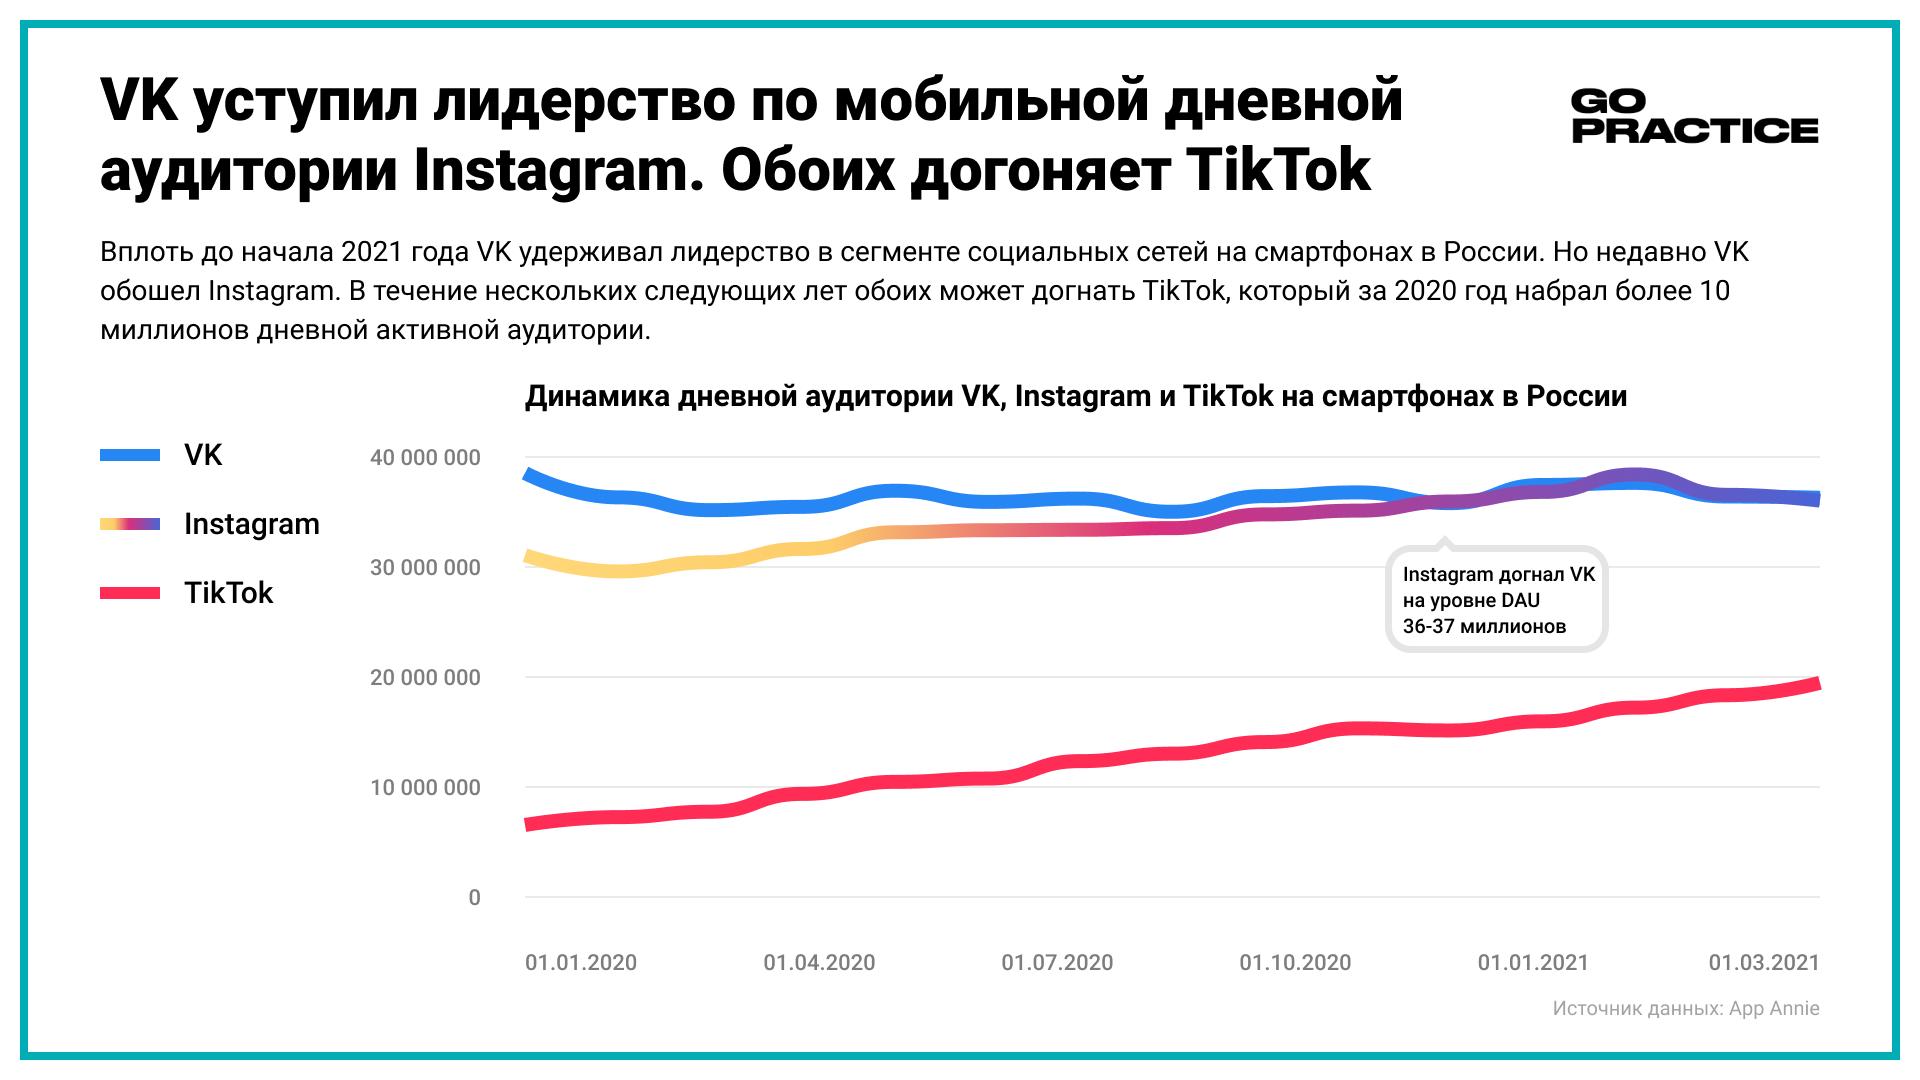 VK уступил лидерство по мобильной дневной аудитории Instagram. Обоих догоняет TikTok